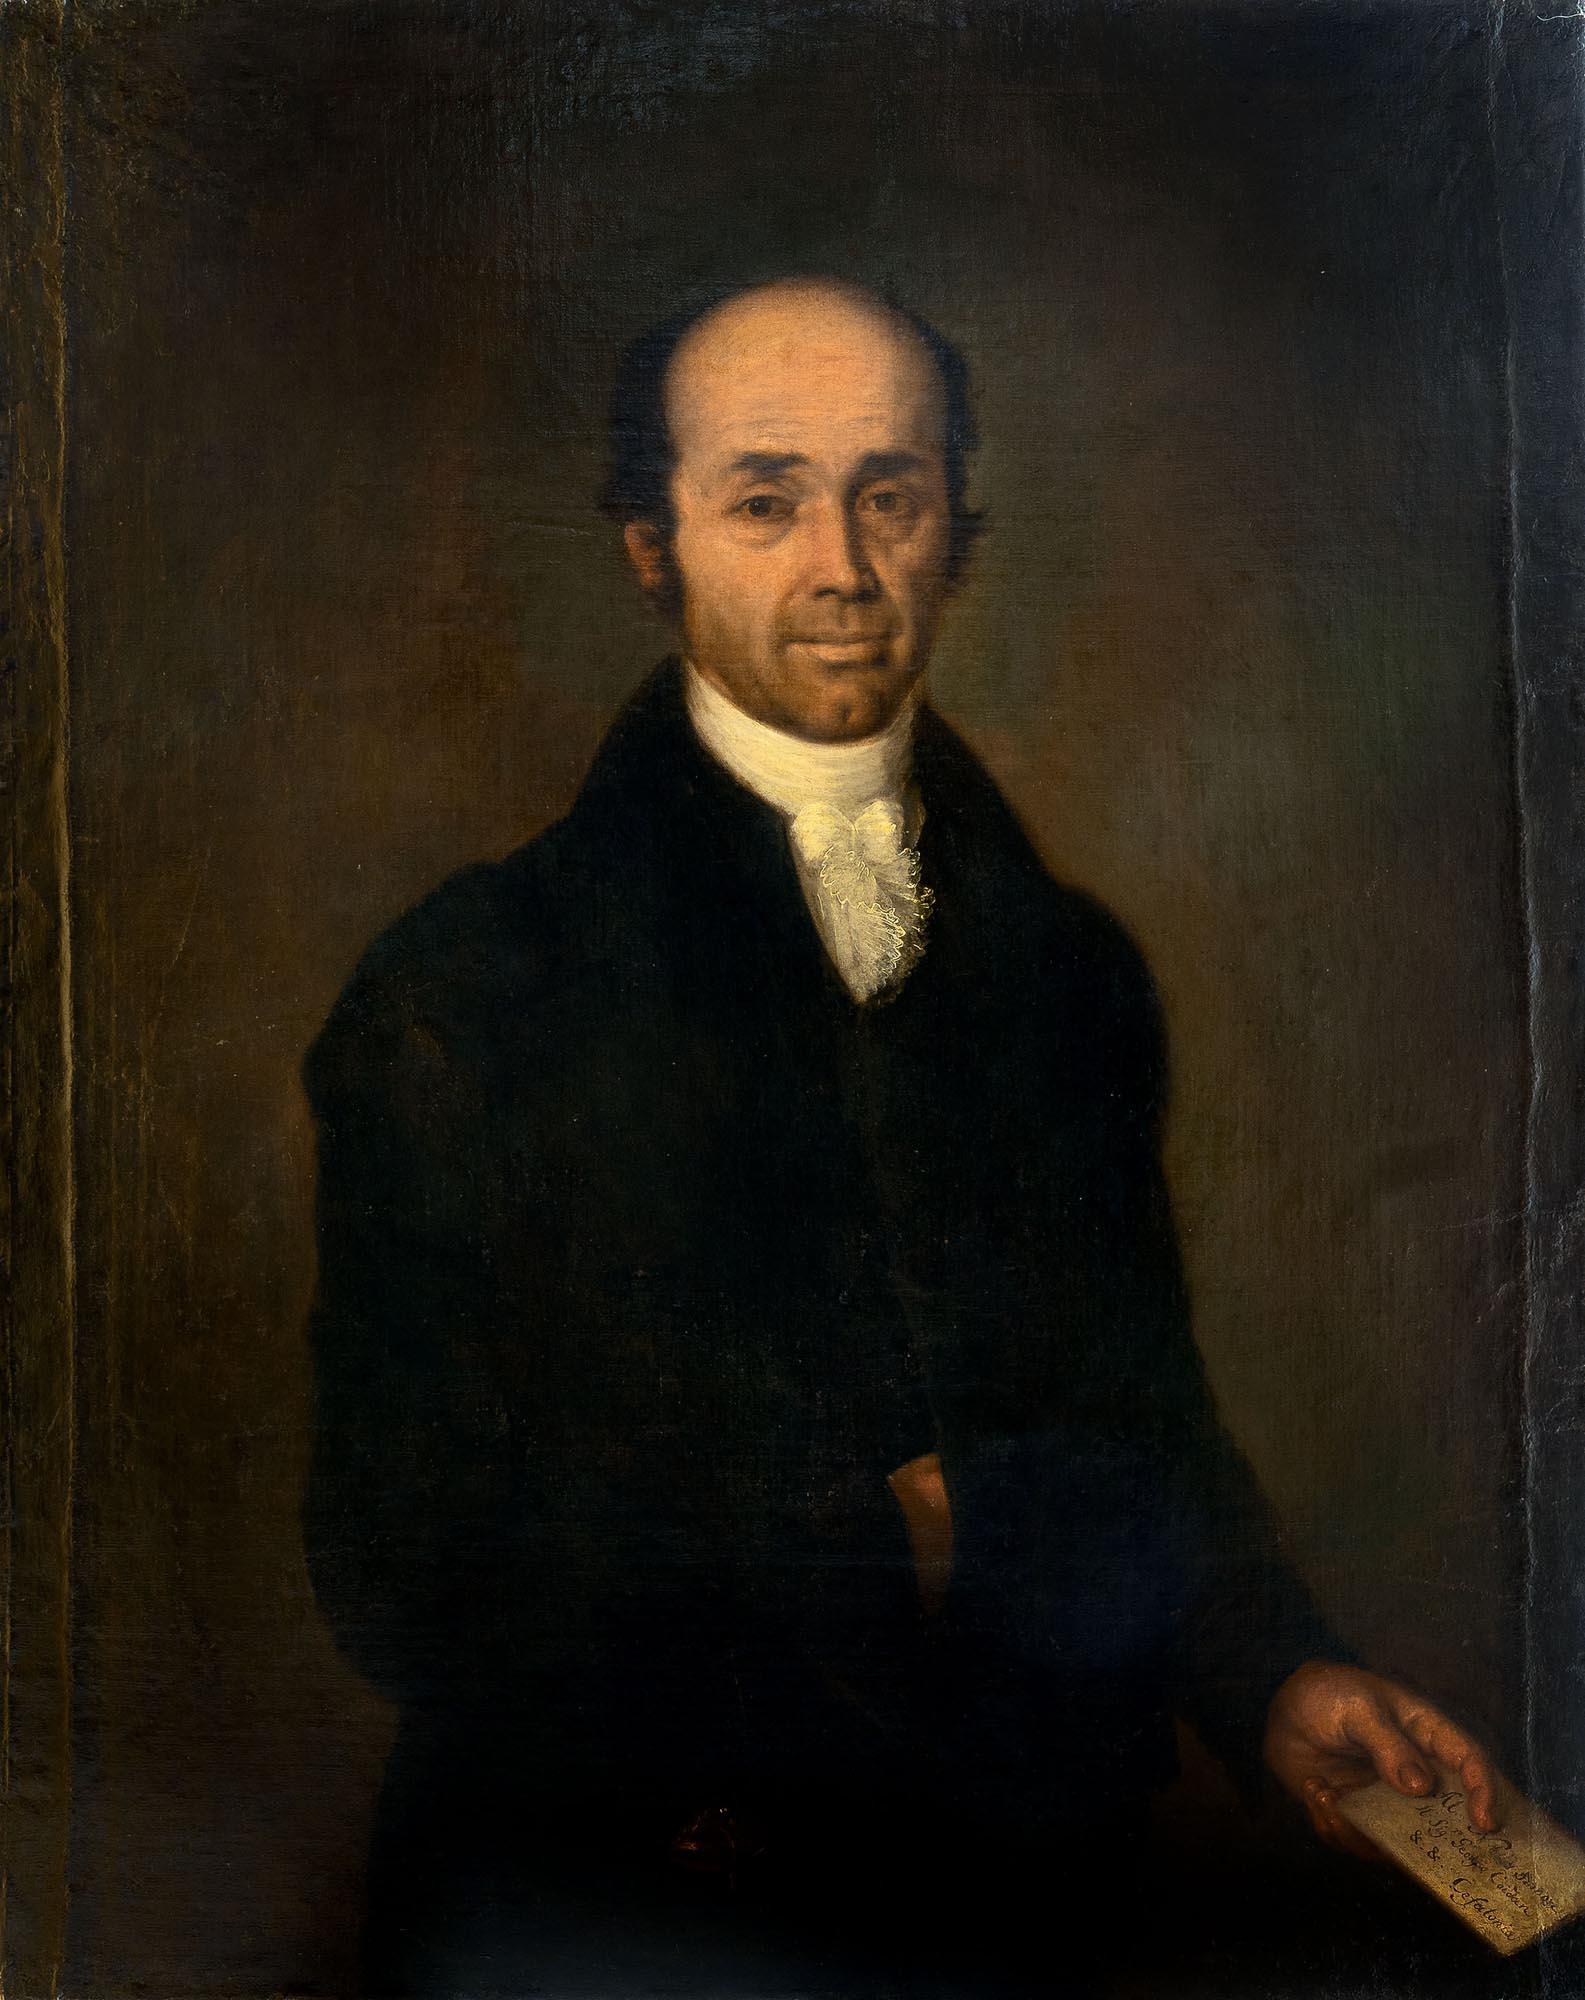 Νικόλαος Καντούνης